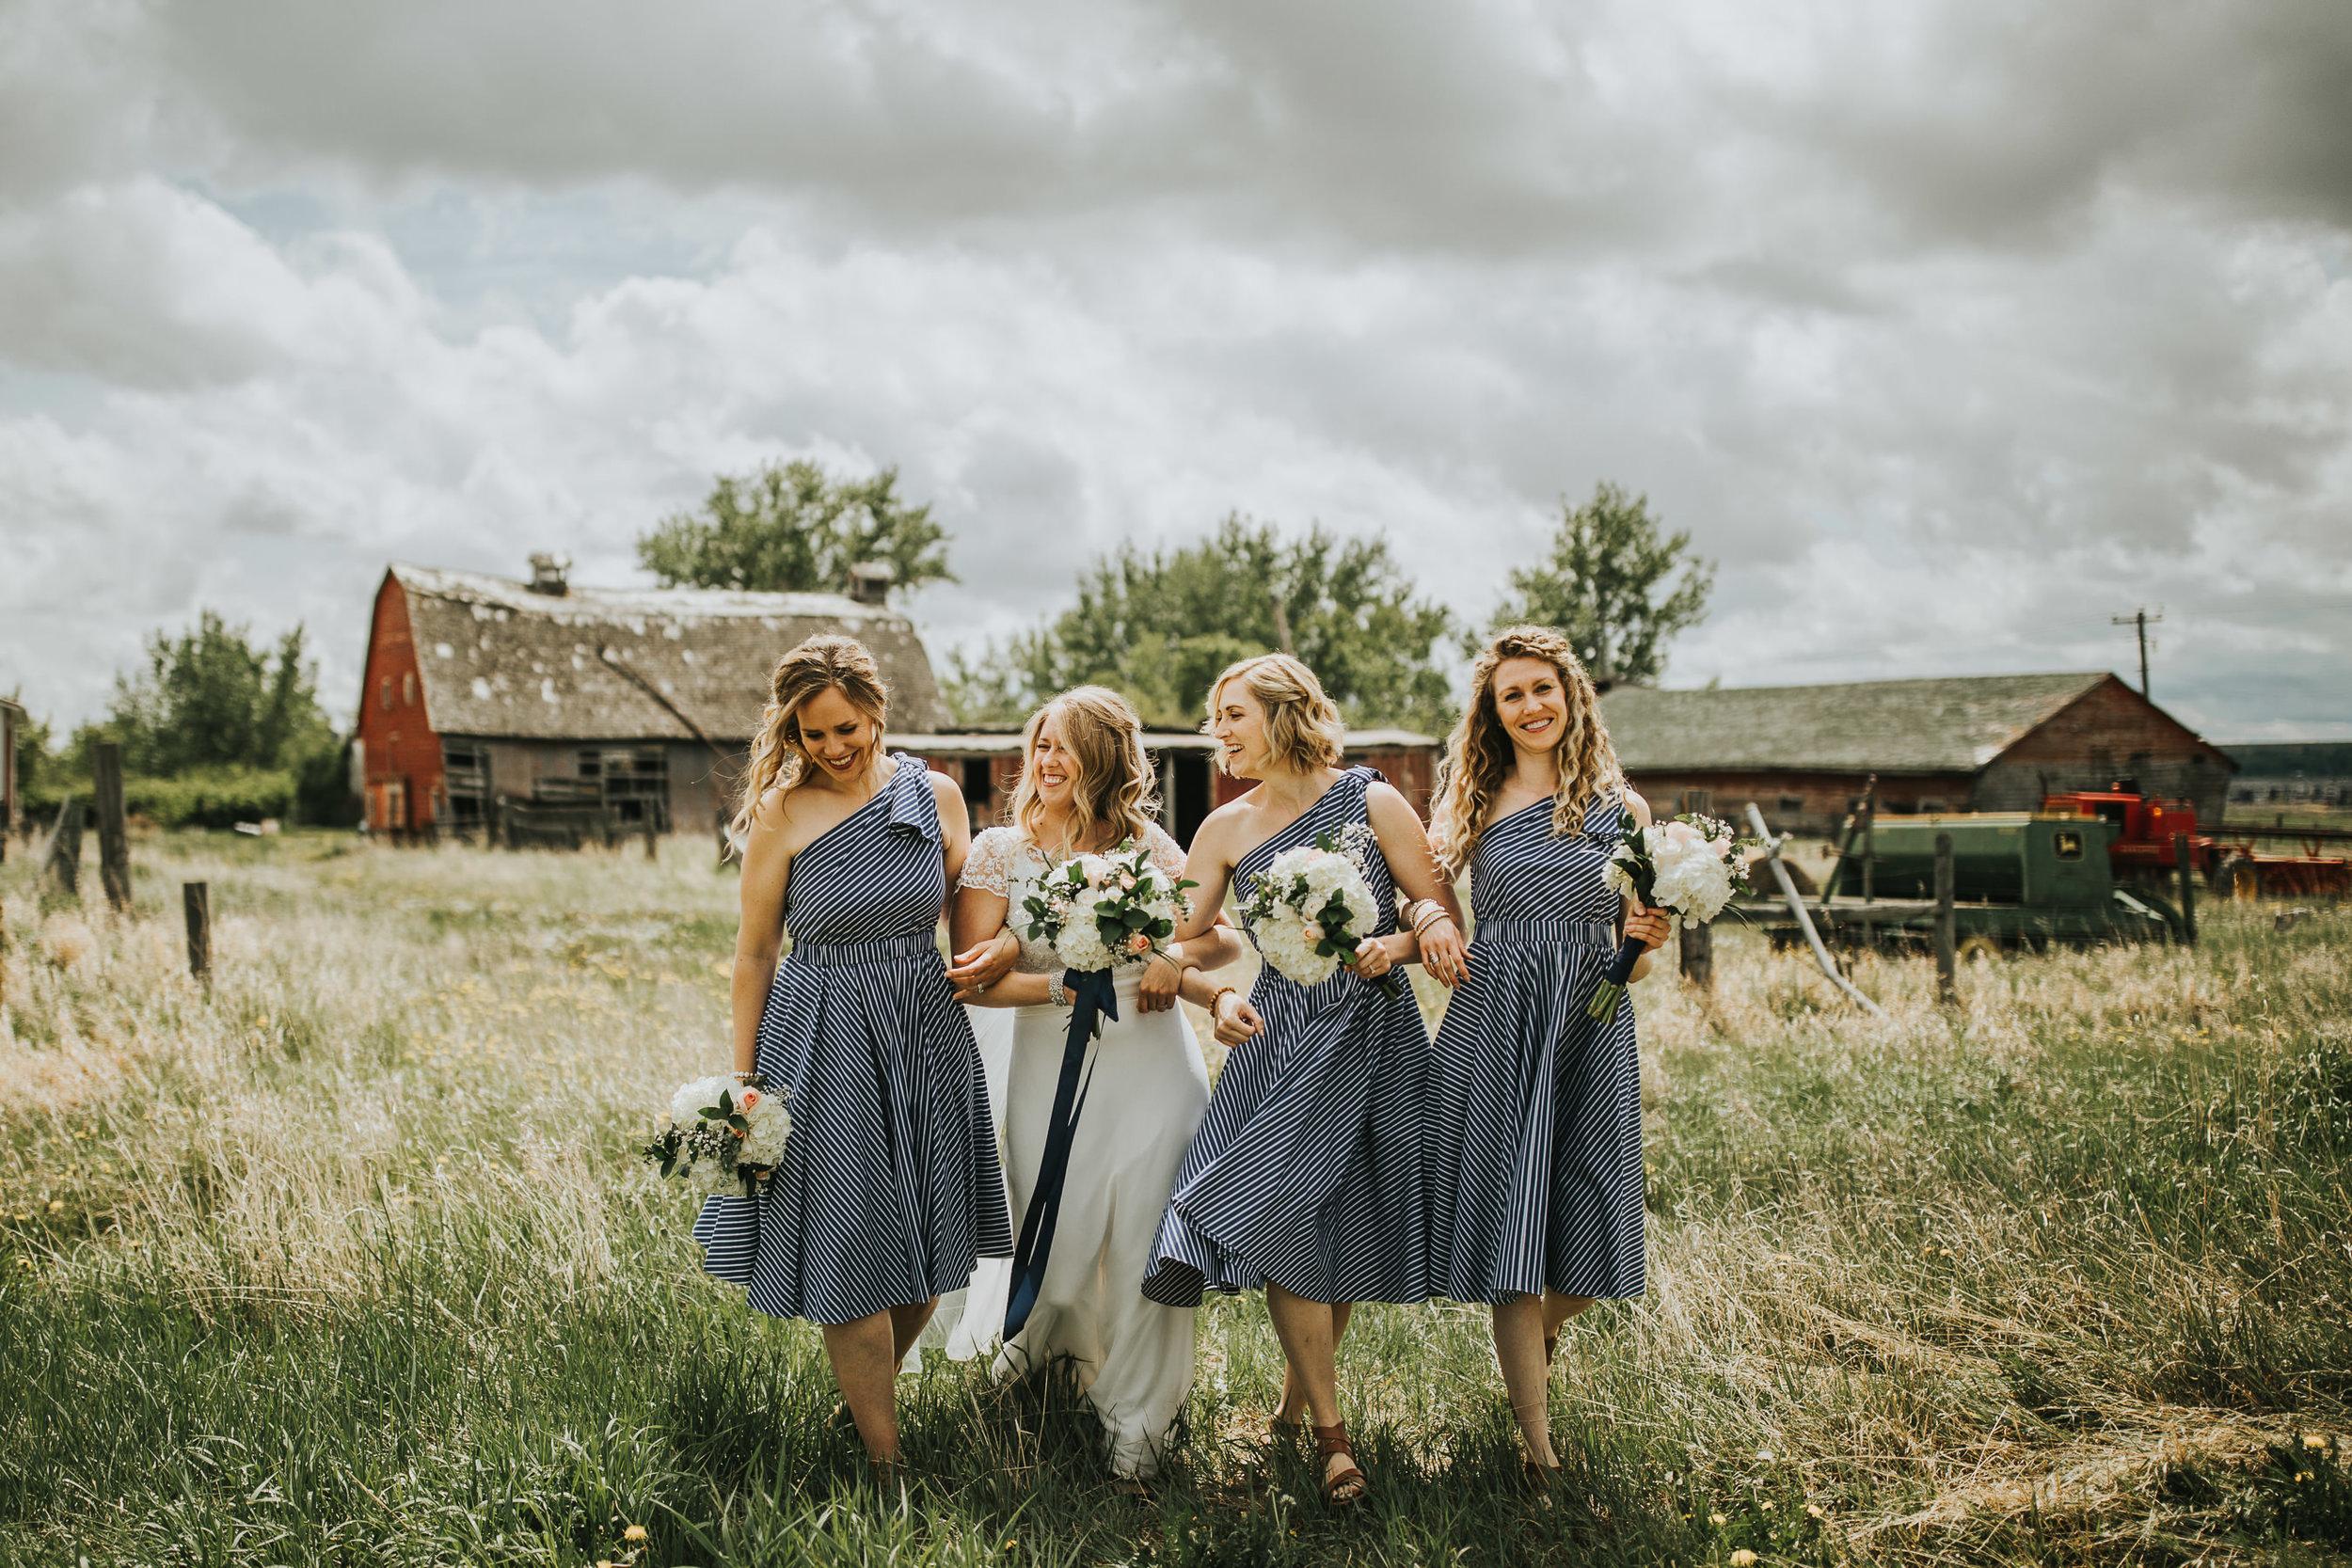 The-Gathered-Farm-Wedding-12